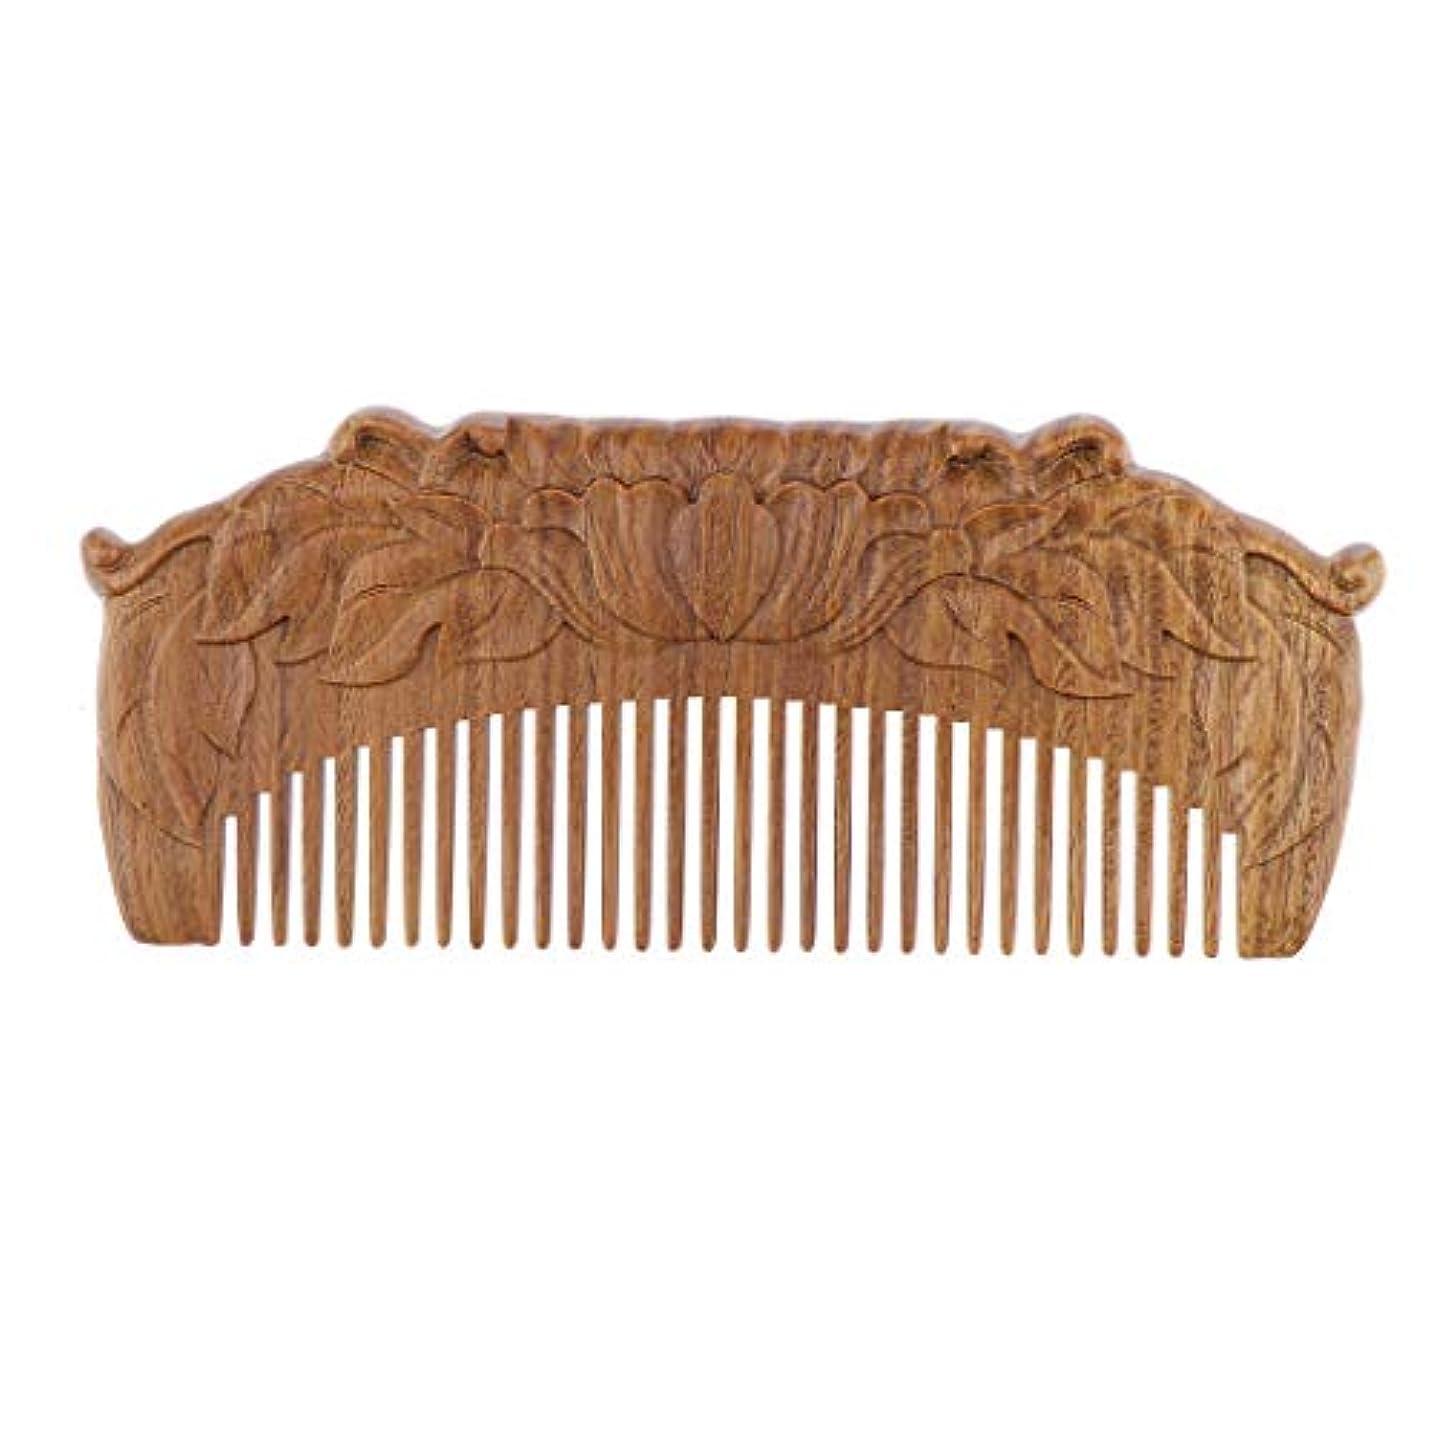 勇敢なボア小人木製櫛 ヘアコーム ヘアブラシ 天然木 手作り プレゼント